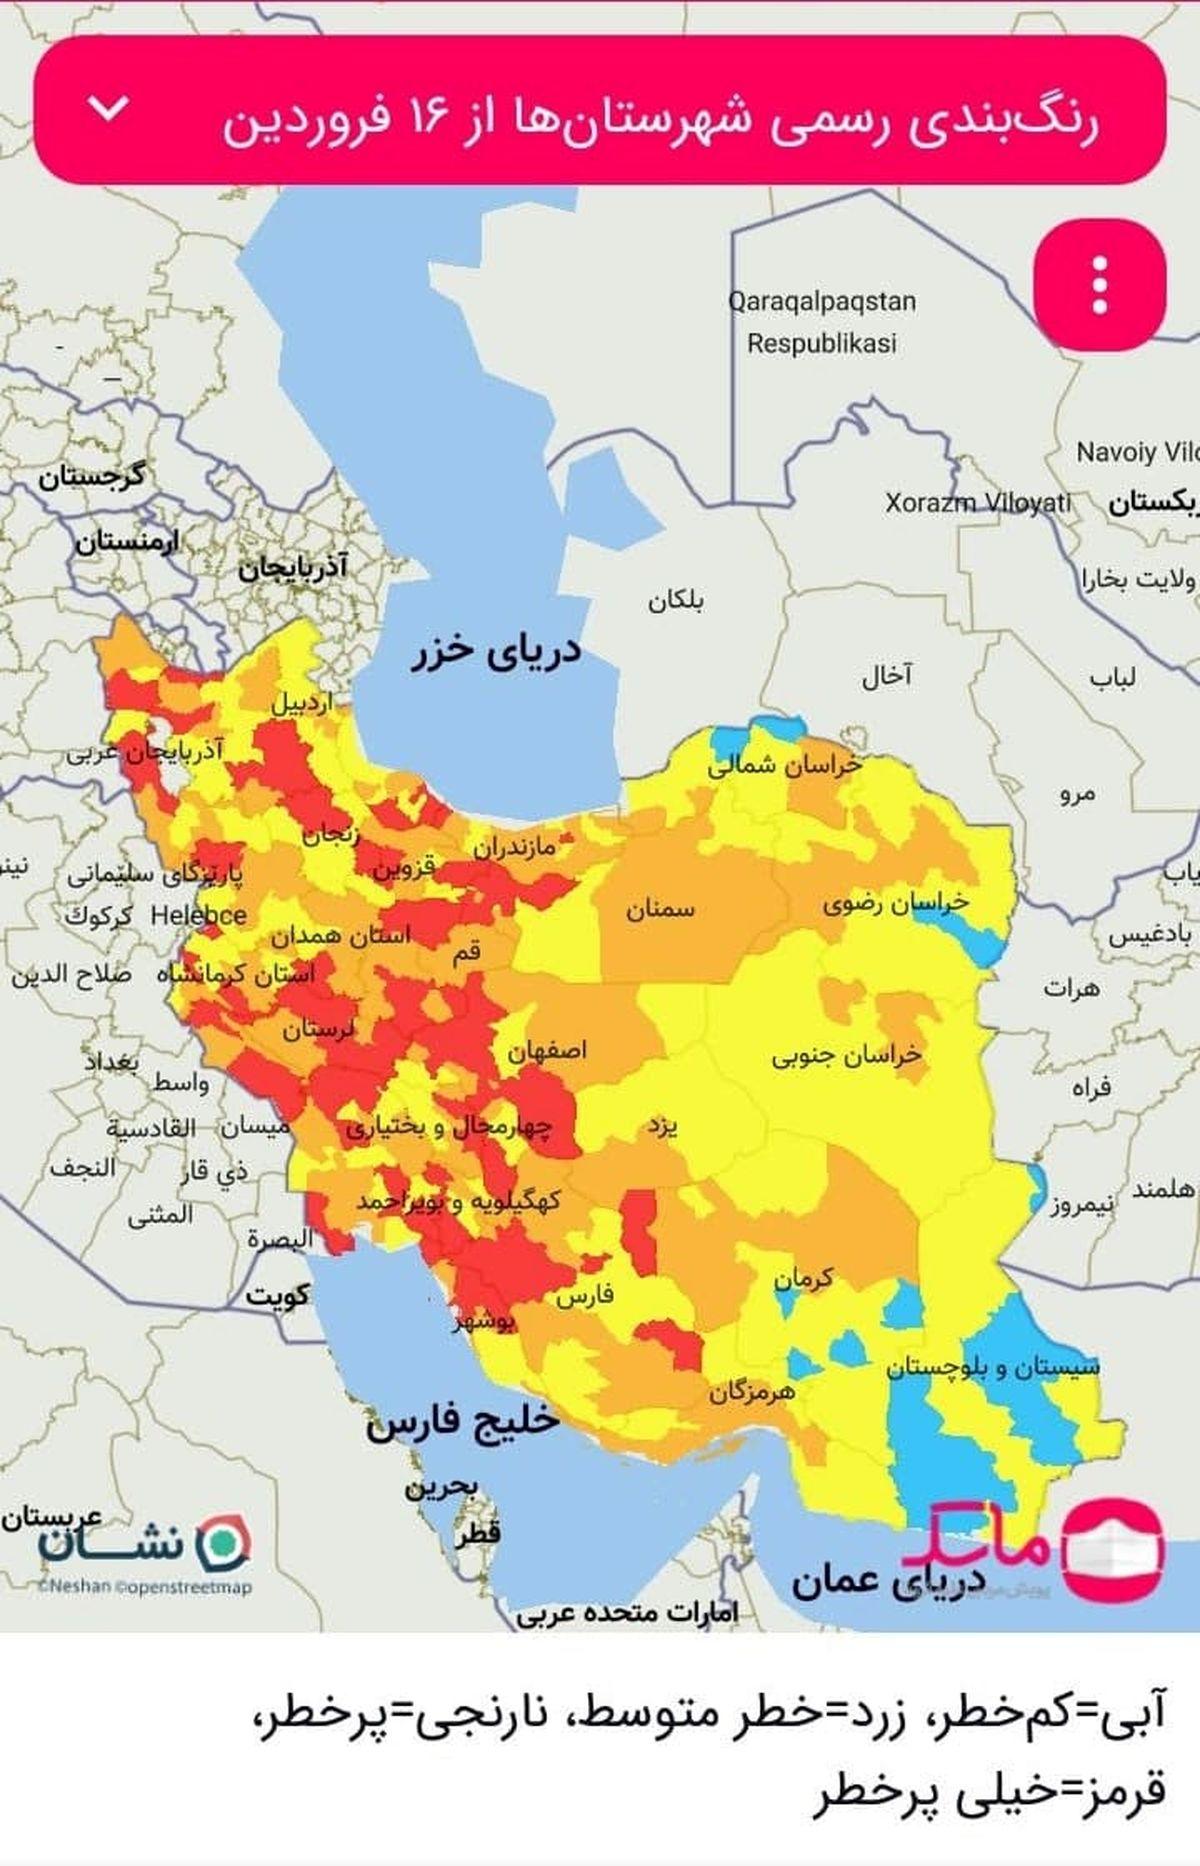 اعلام وضعیت قرمز کرونا در  ۷ مرکز استان از امروز